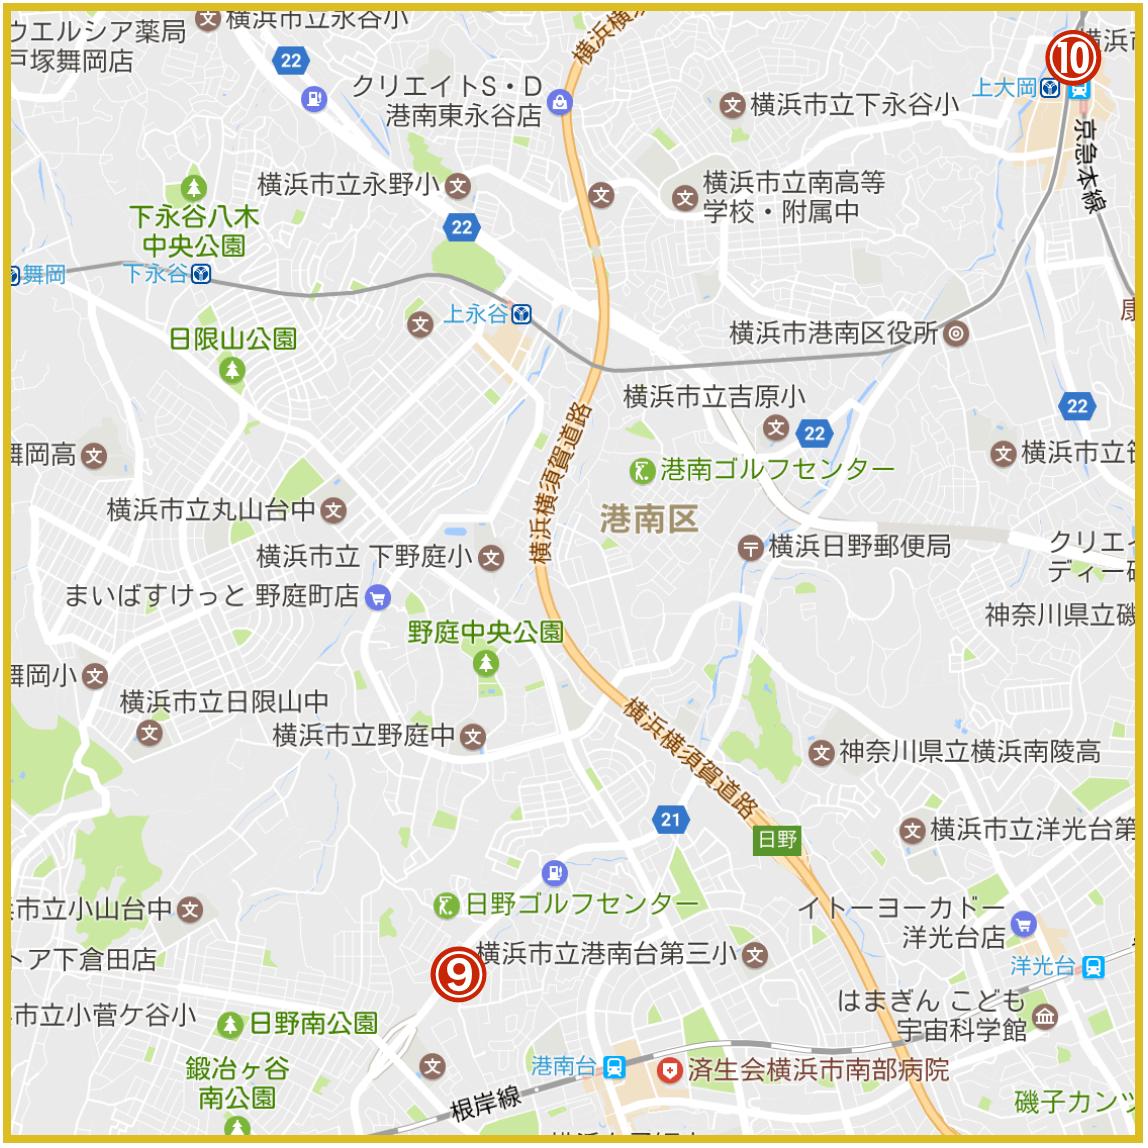 横浜市港南区にあるプロミス店舗・ATMの位置(2020年版)